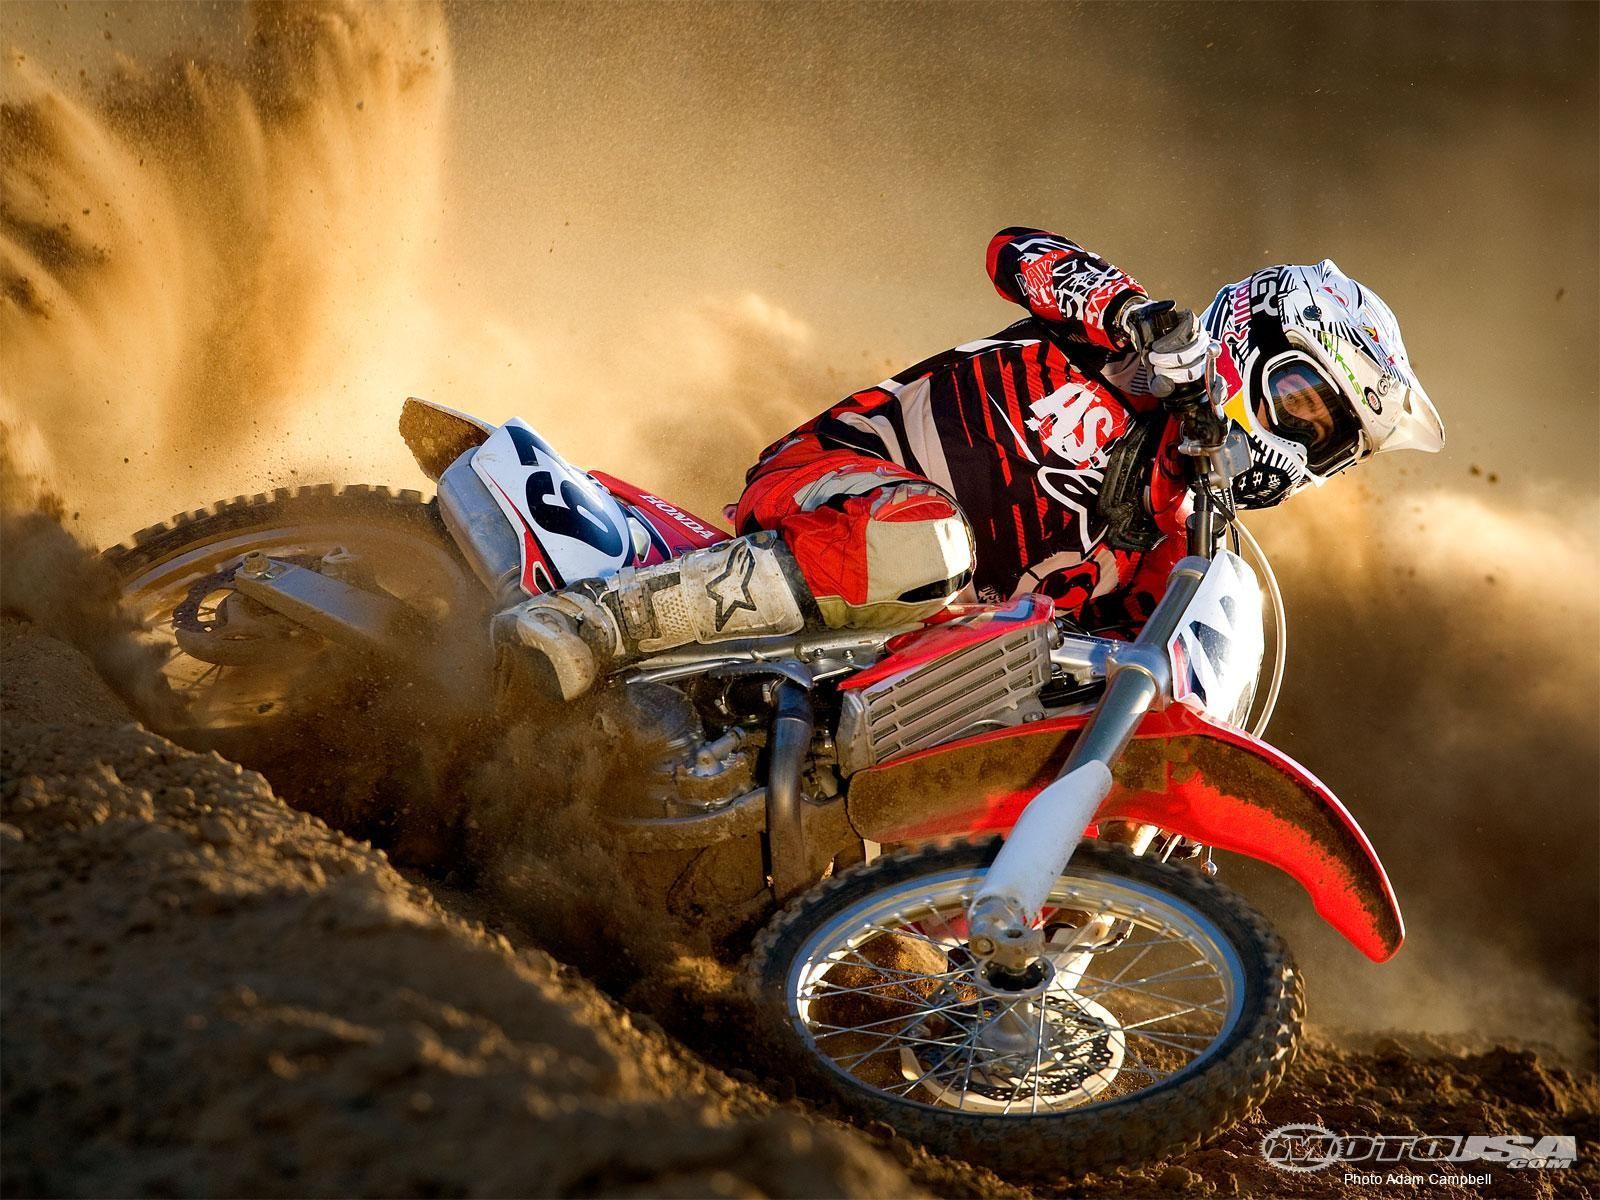 Honda Dirt Bike Wallpapers